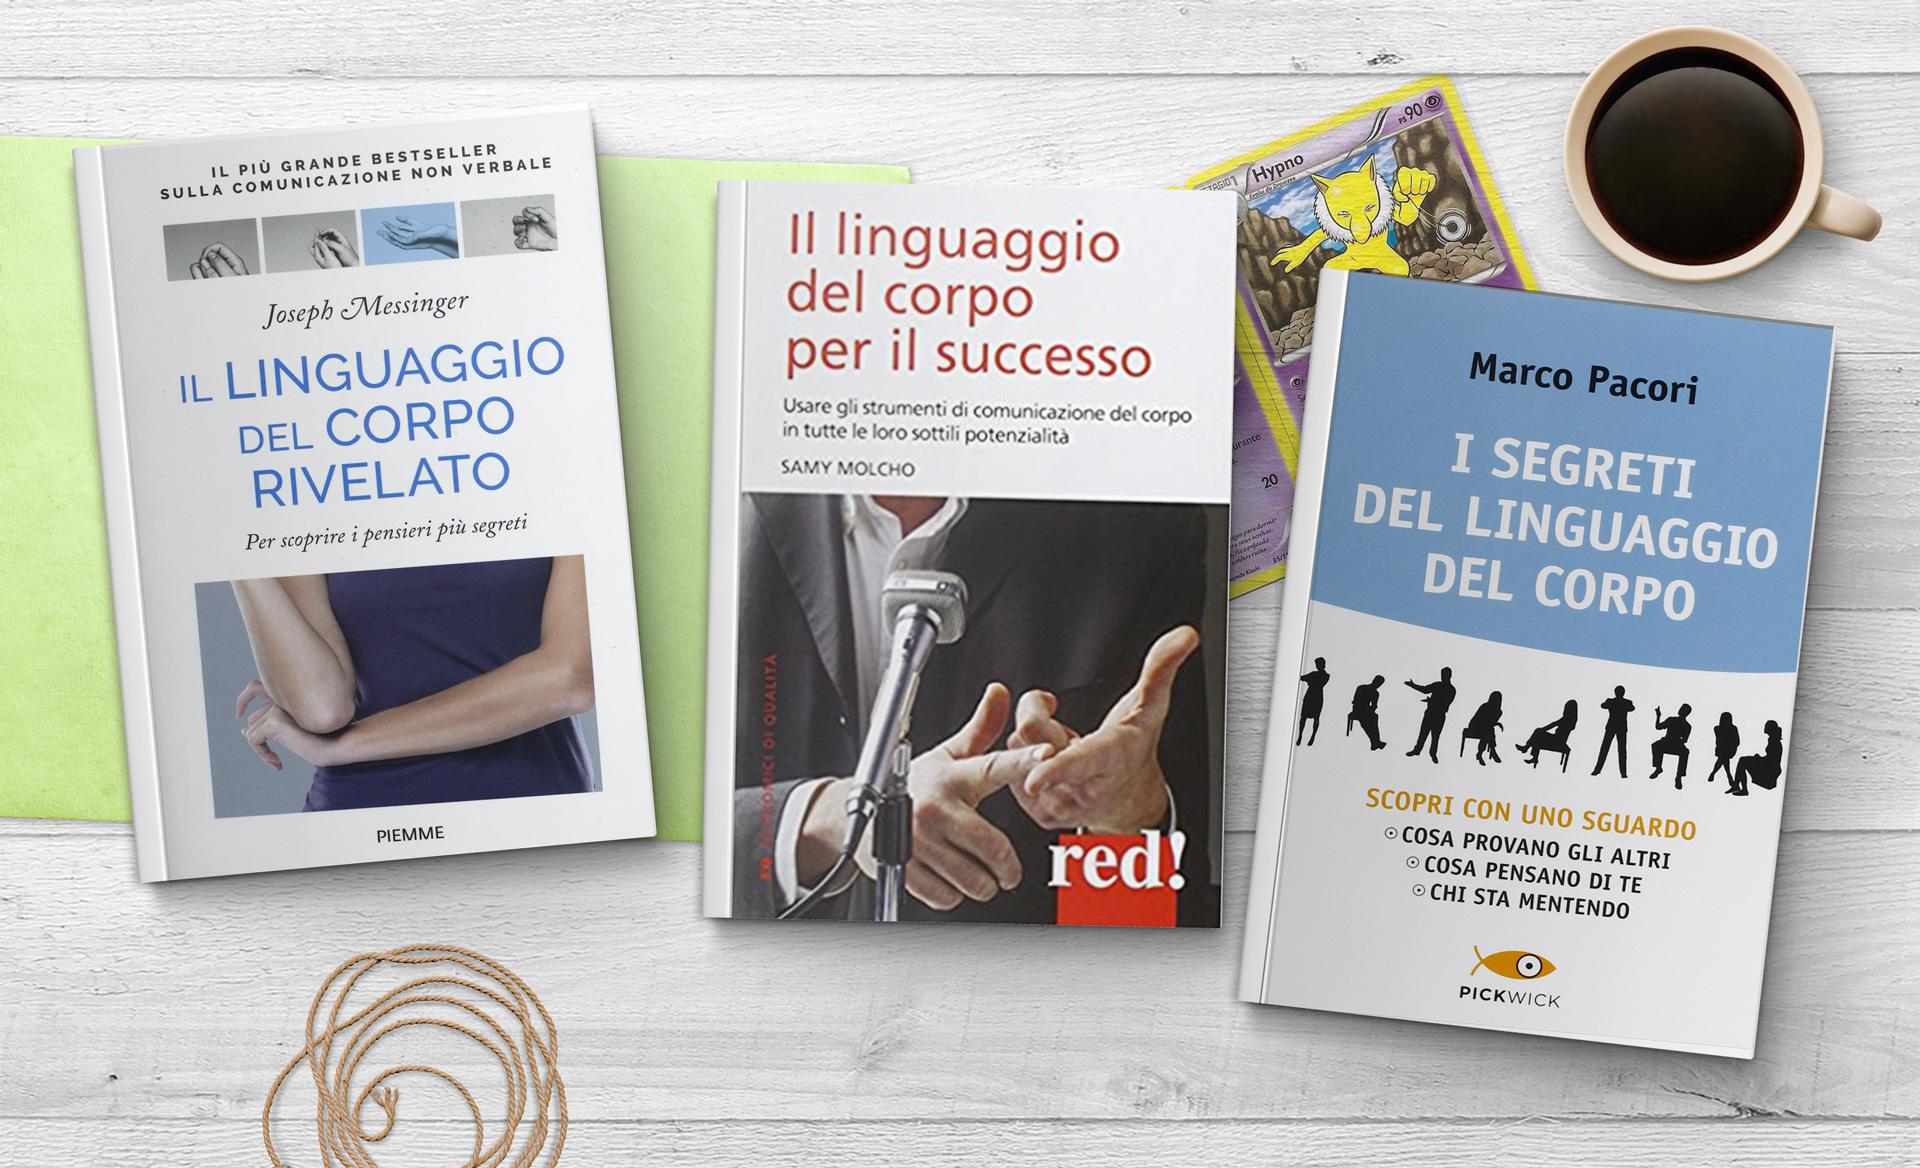 I Migliori Libri Per Interpretare Il Linguaggio Del Corpo| Capire Il Linguaggio Del Corpo